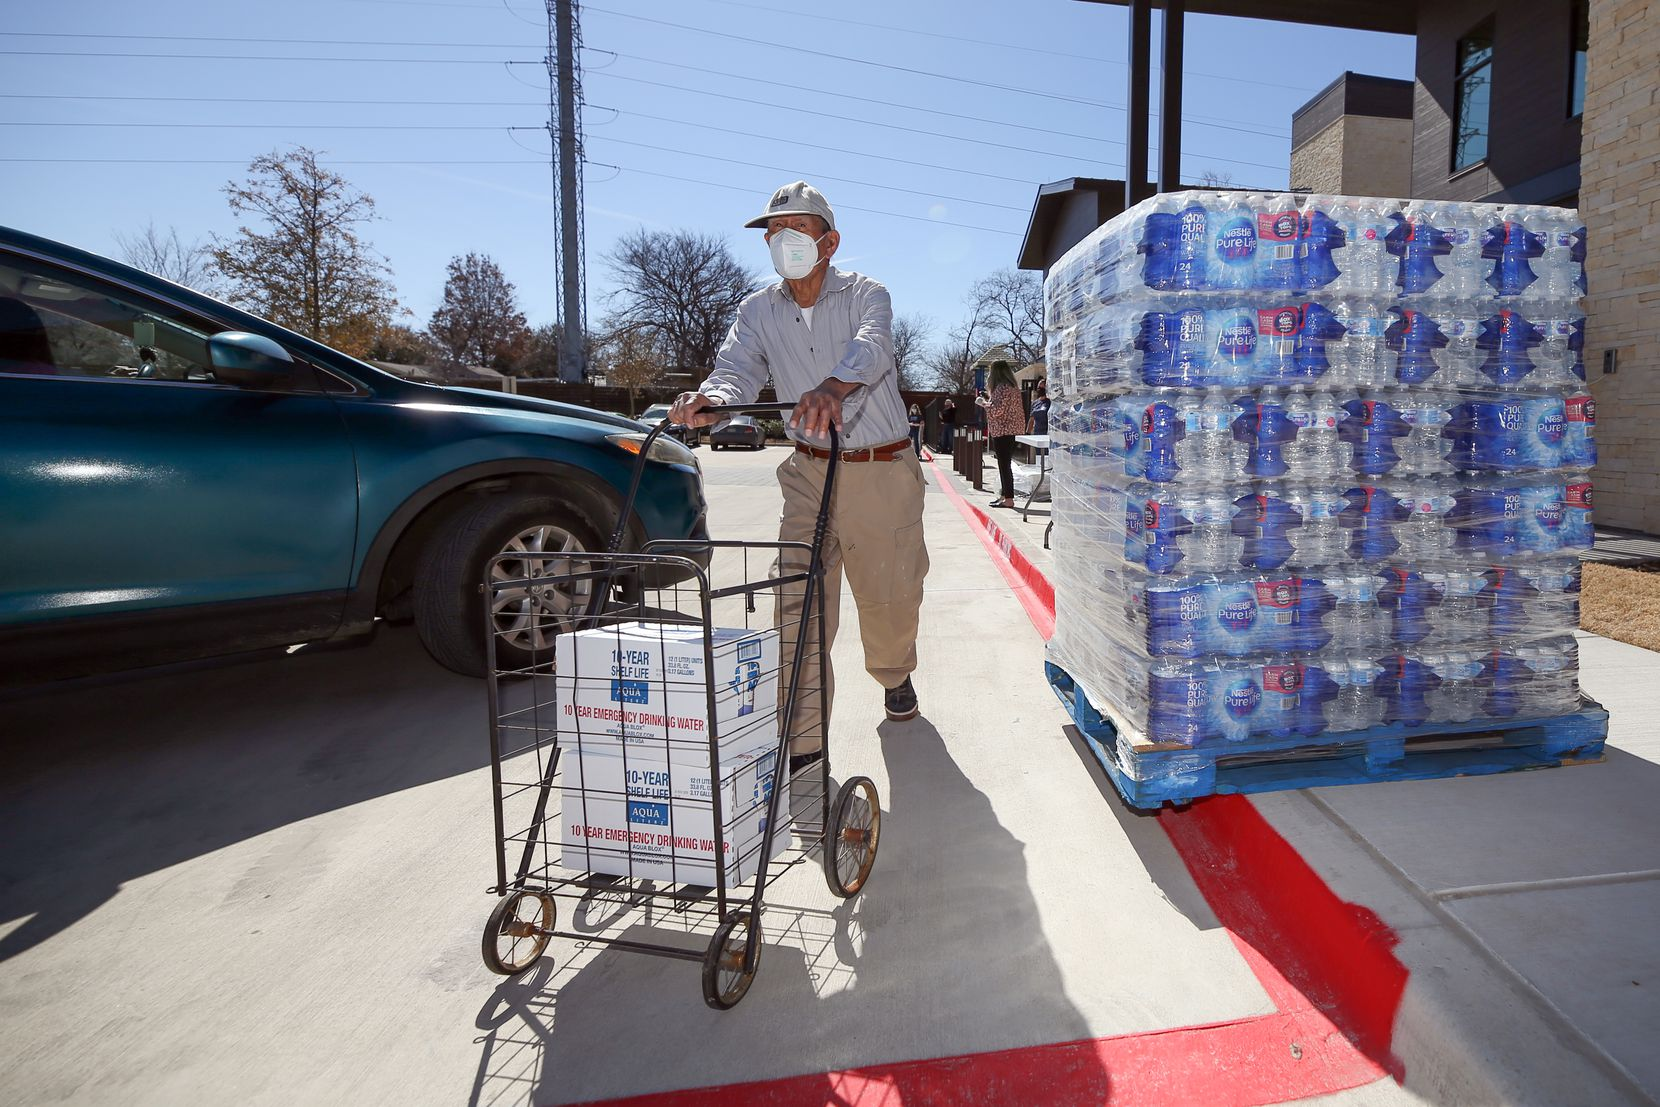 Un alto número de residentes de Bachman Lake no cuentan todavía con el servicio de agua potable. El martes se organizó una repartición de botellas para ayudarlos.